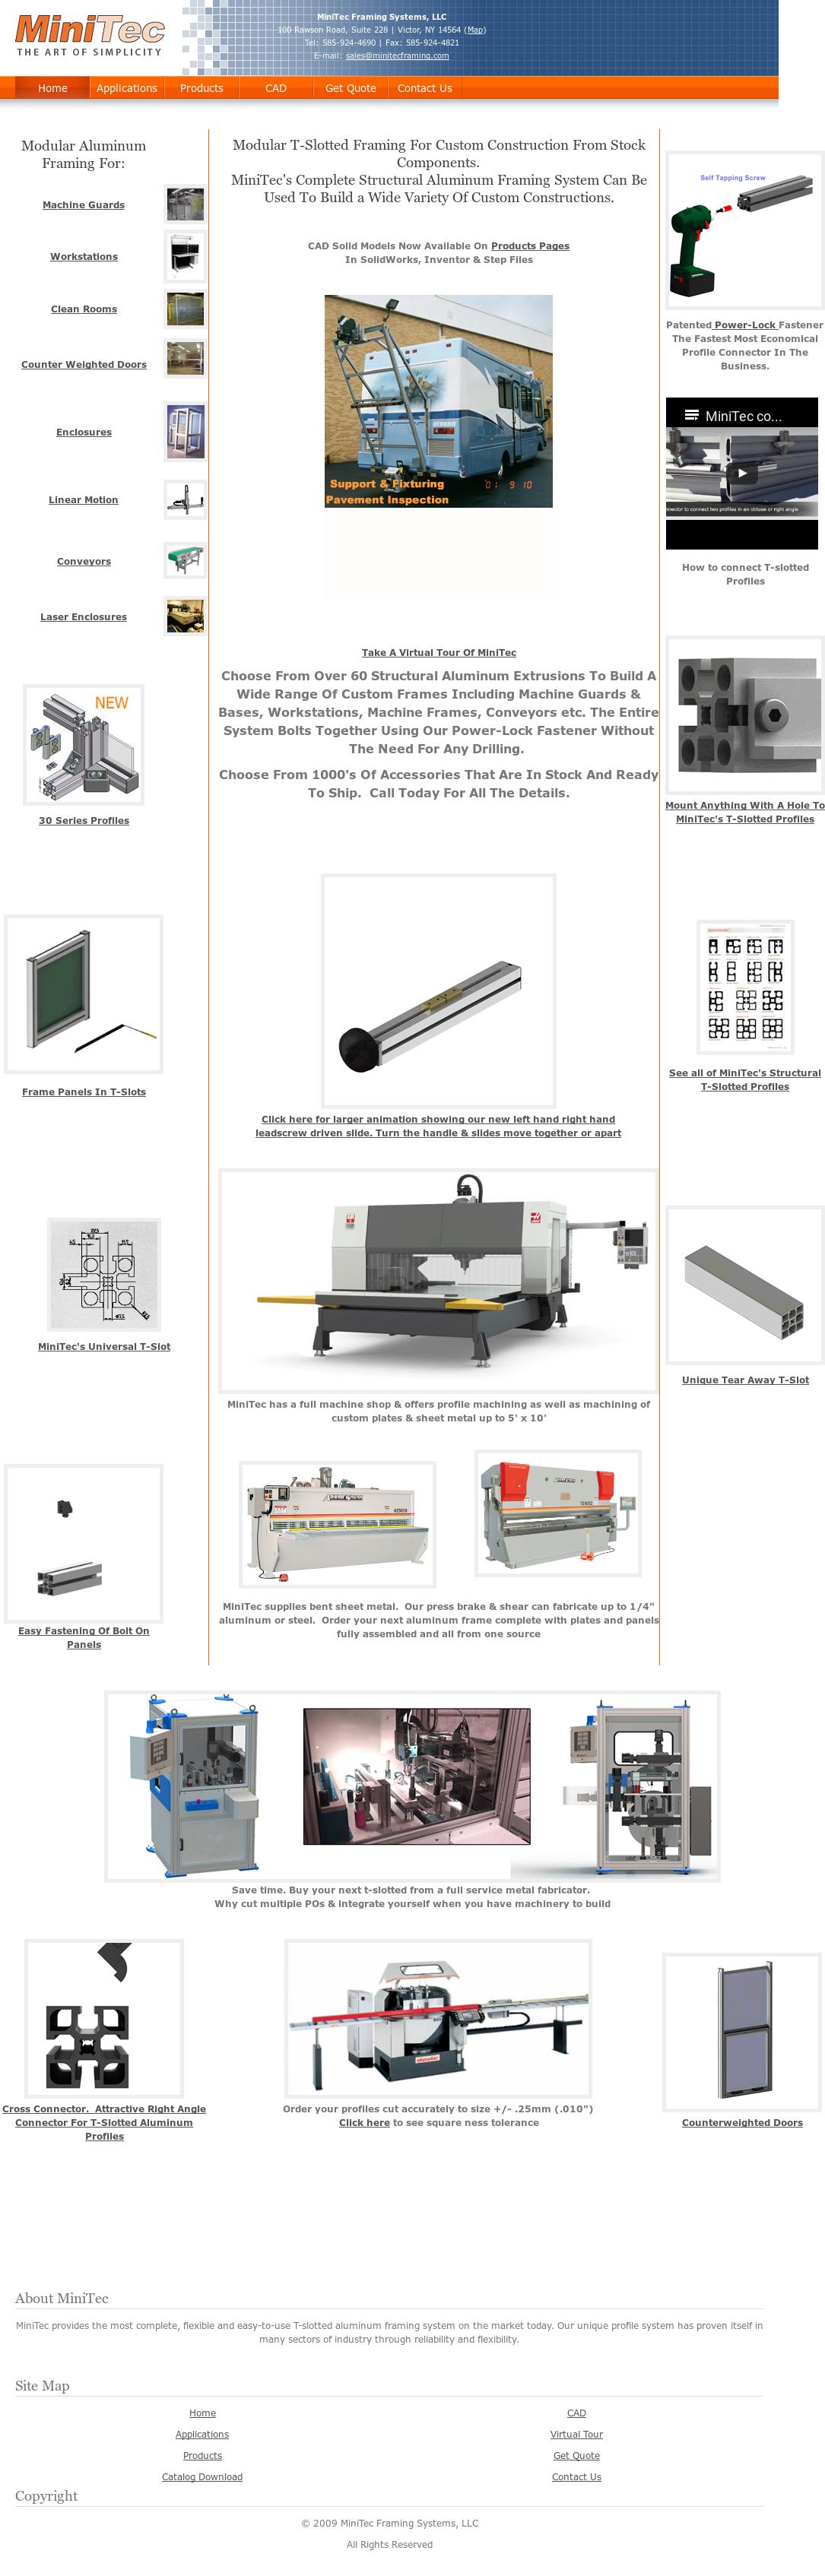 Minitec t-slotted aluminum extrusions. Modular aluminum profiles.